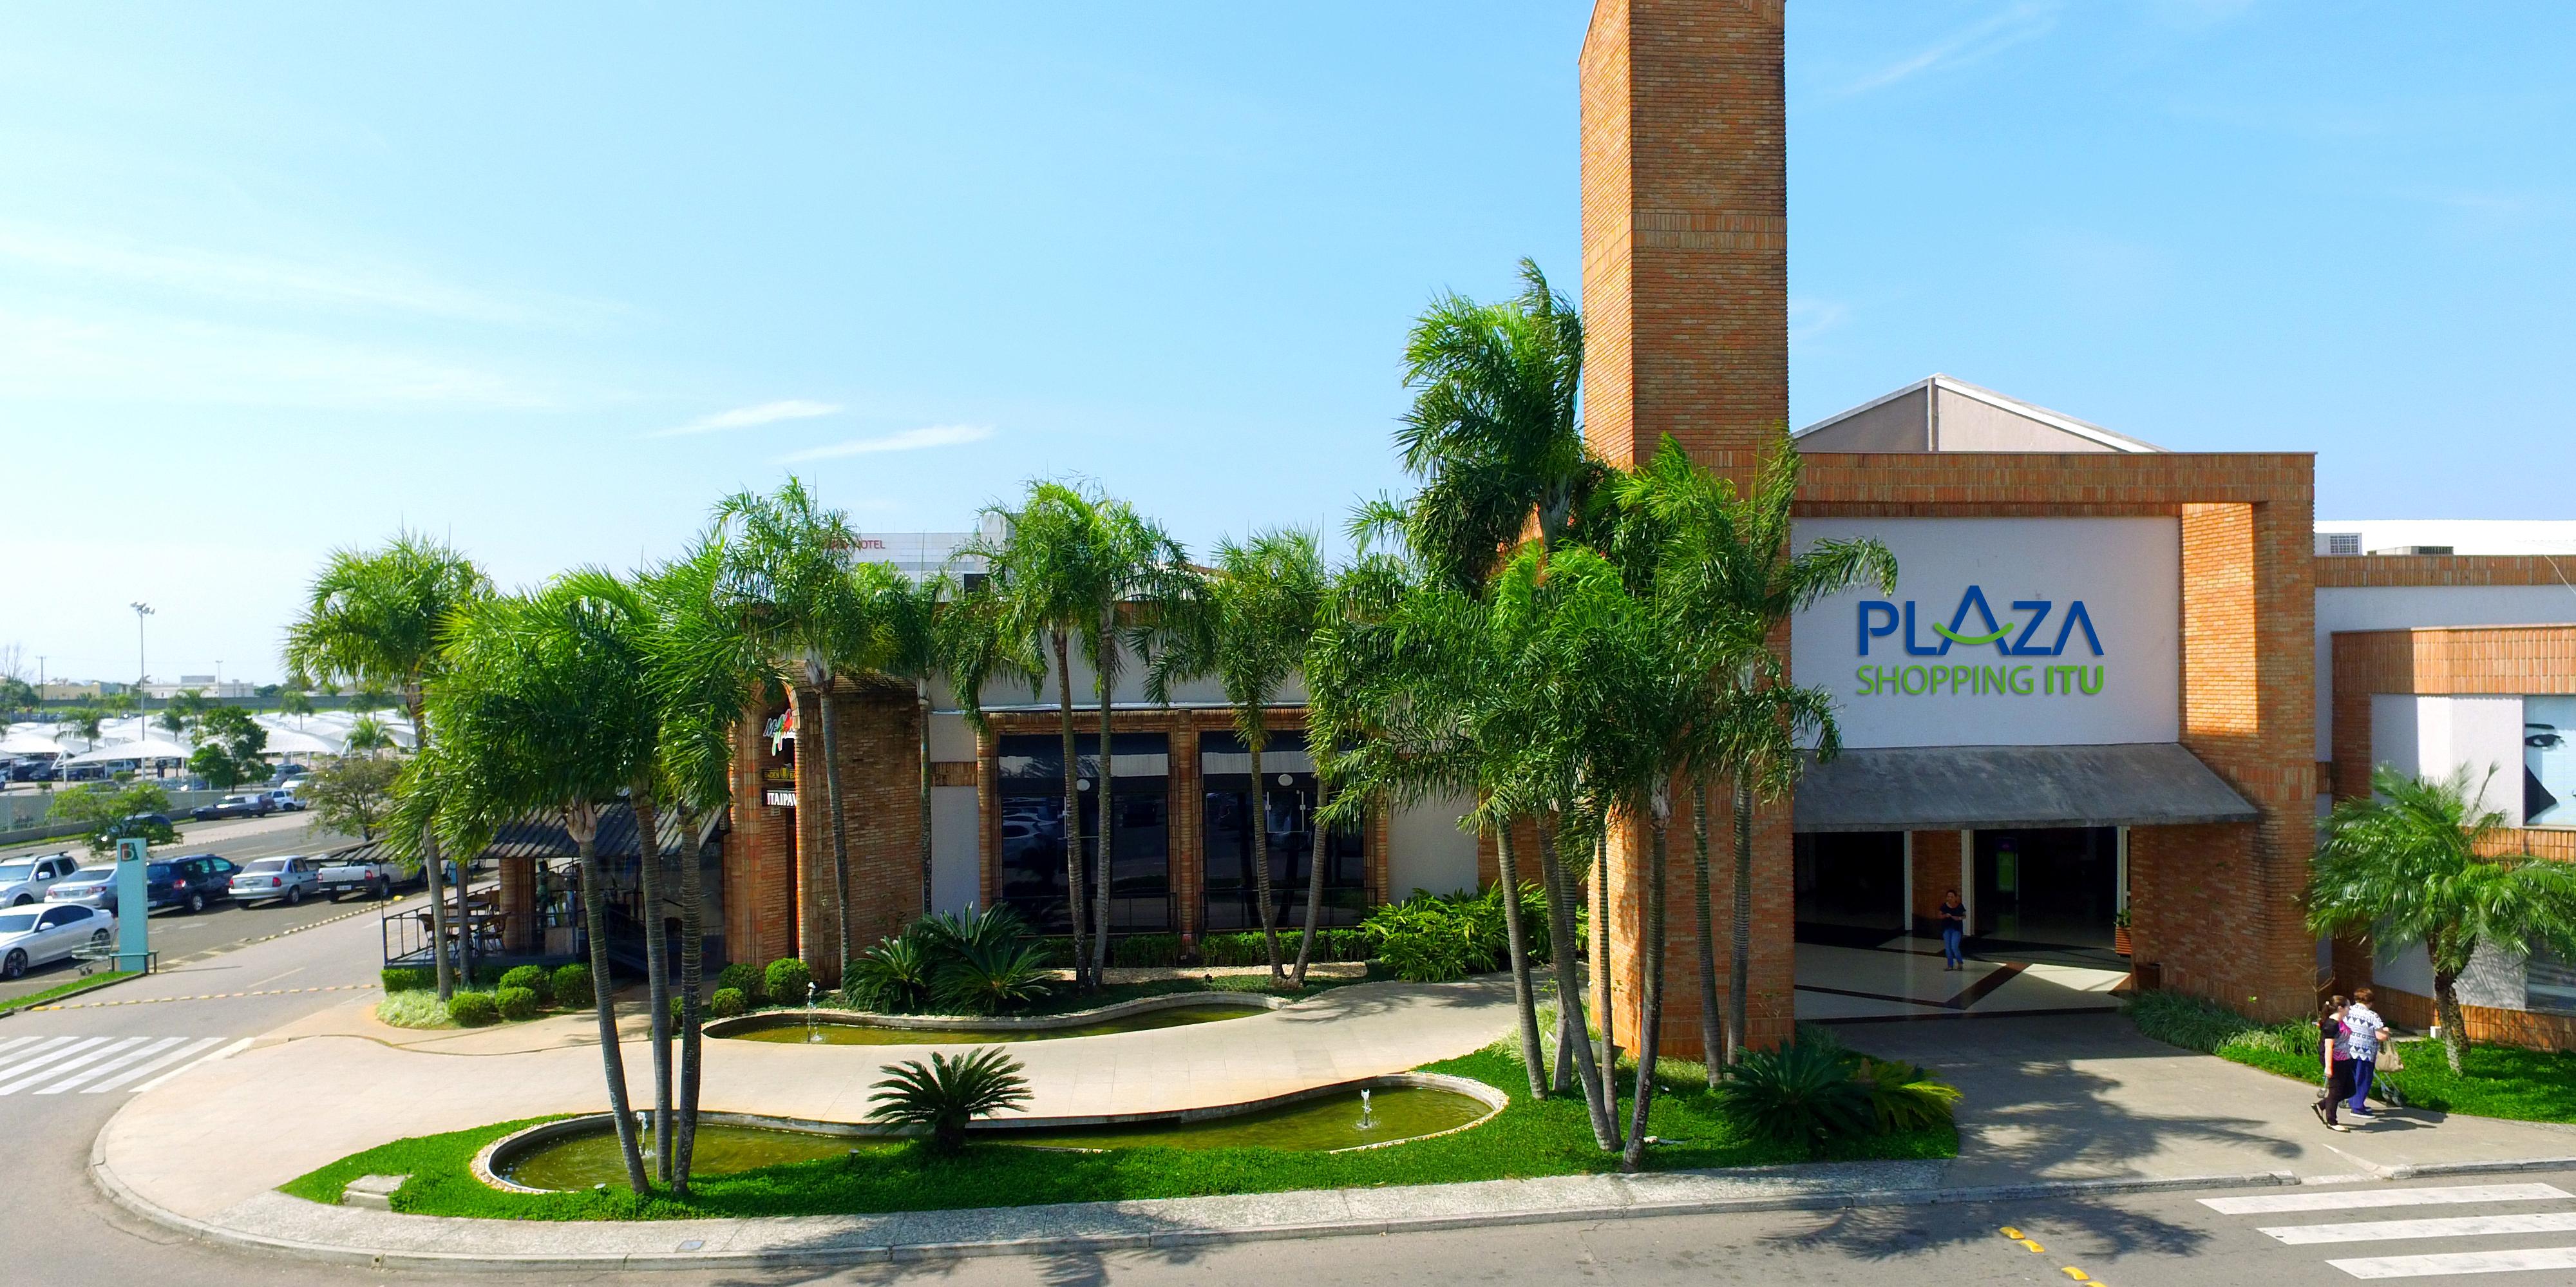 d11a241767 Plaza Shopping Itu comemora 19 anos - Revista Regional